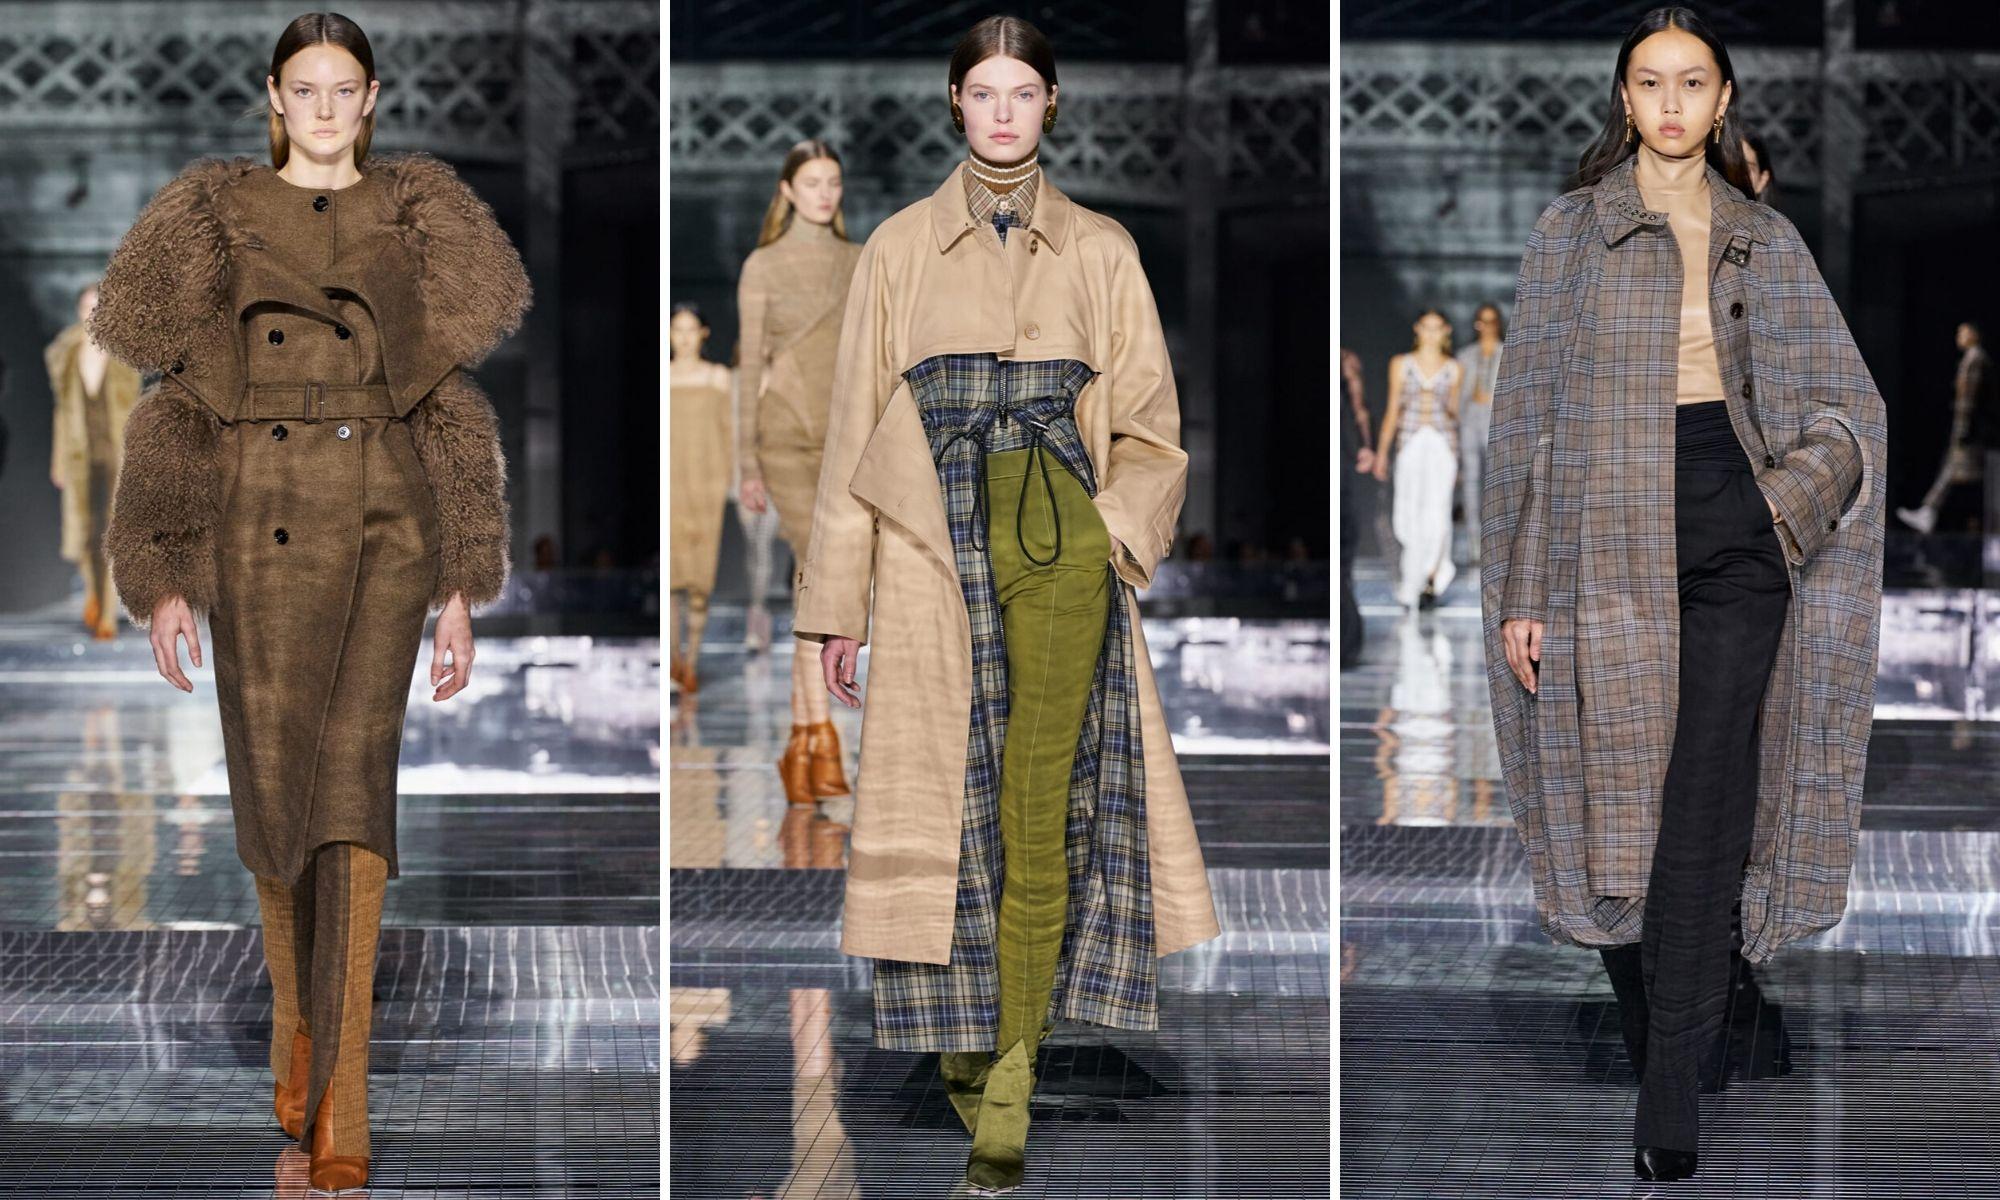 burberry thu đông 2020 trench coat tuần lễ thời trang london